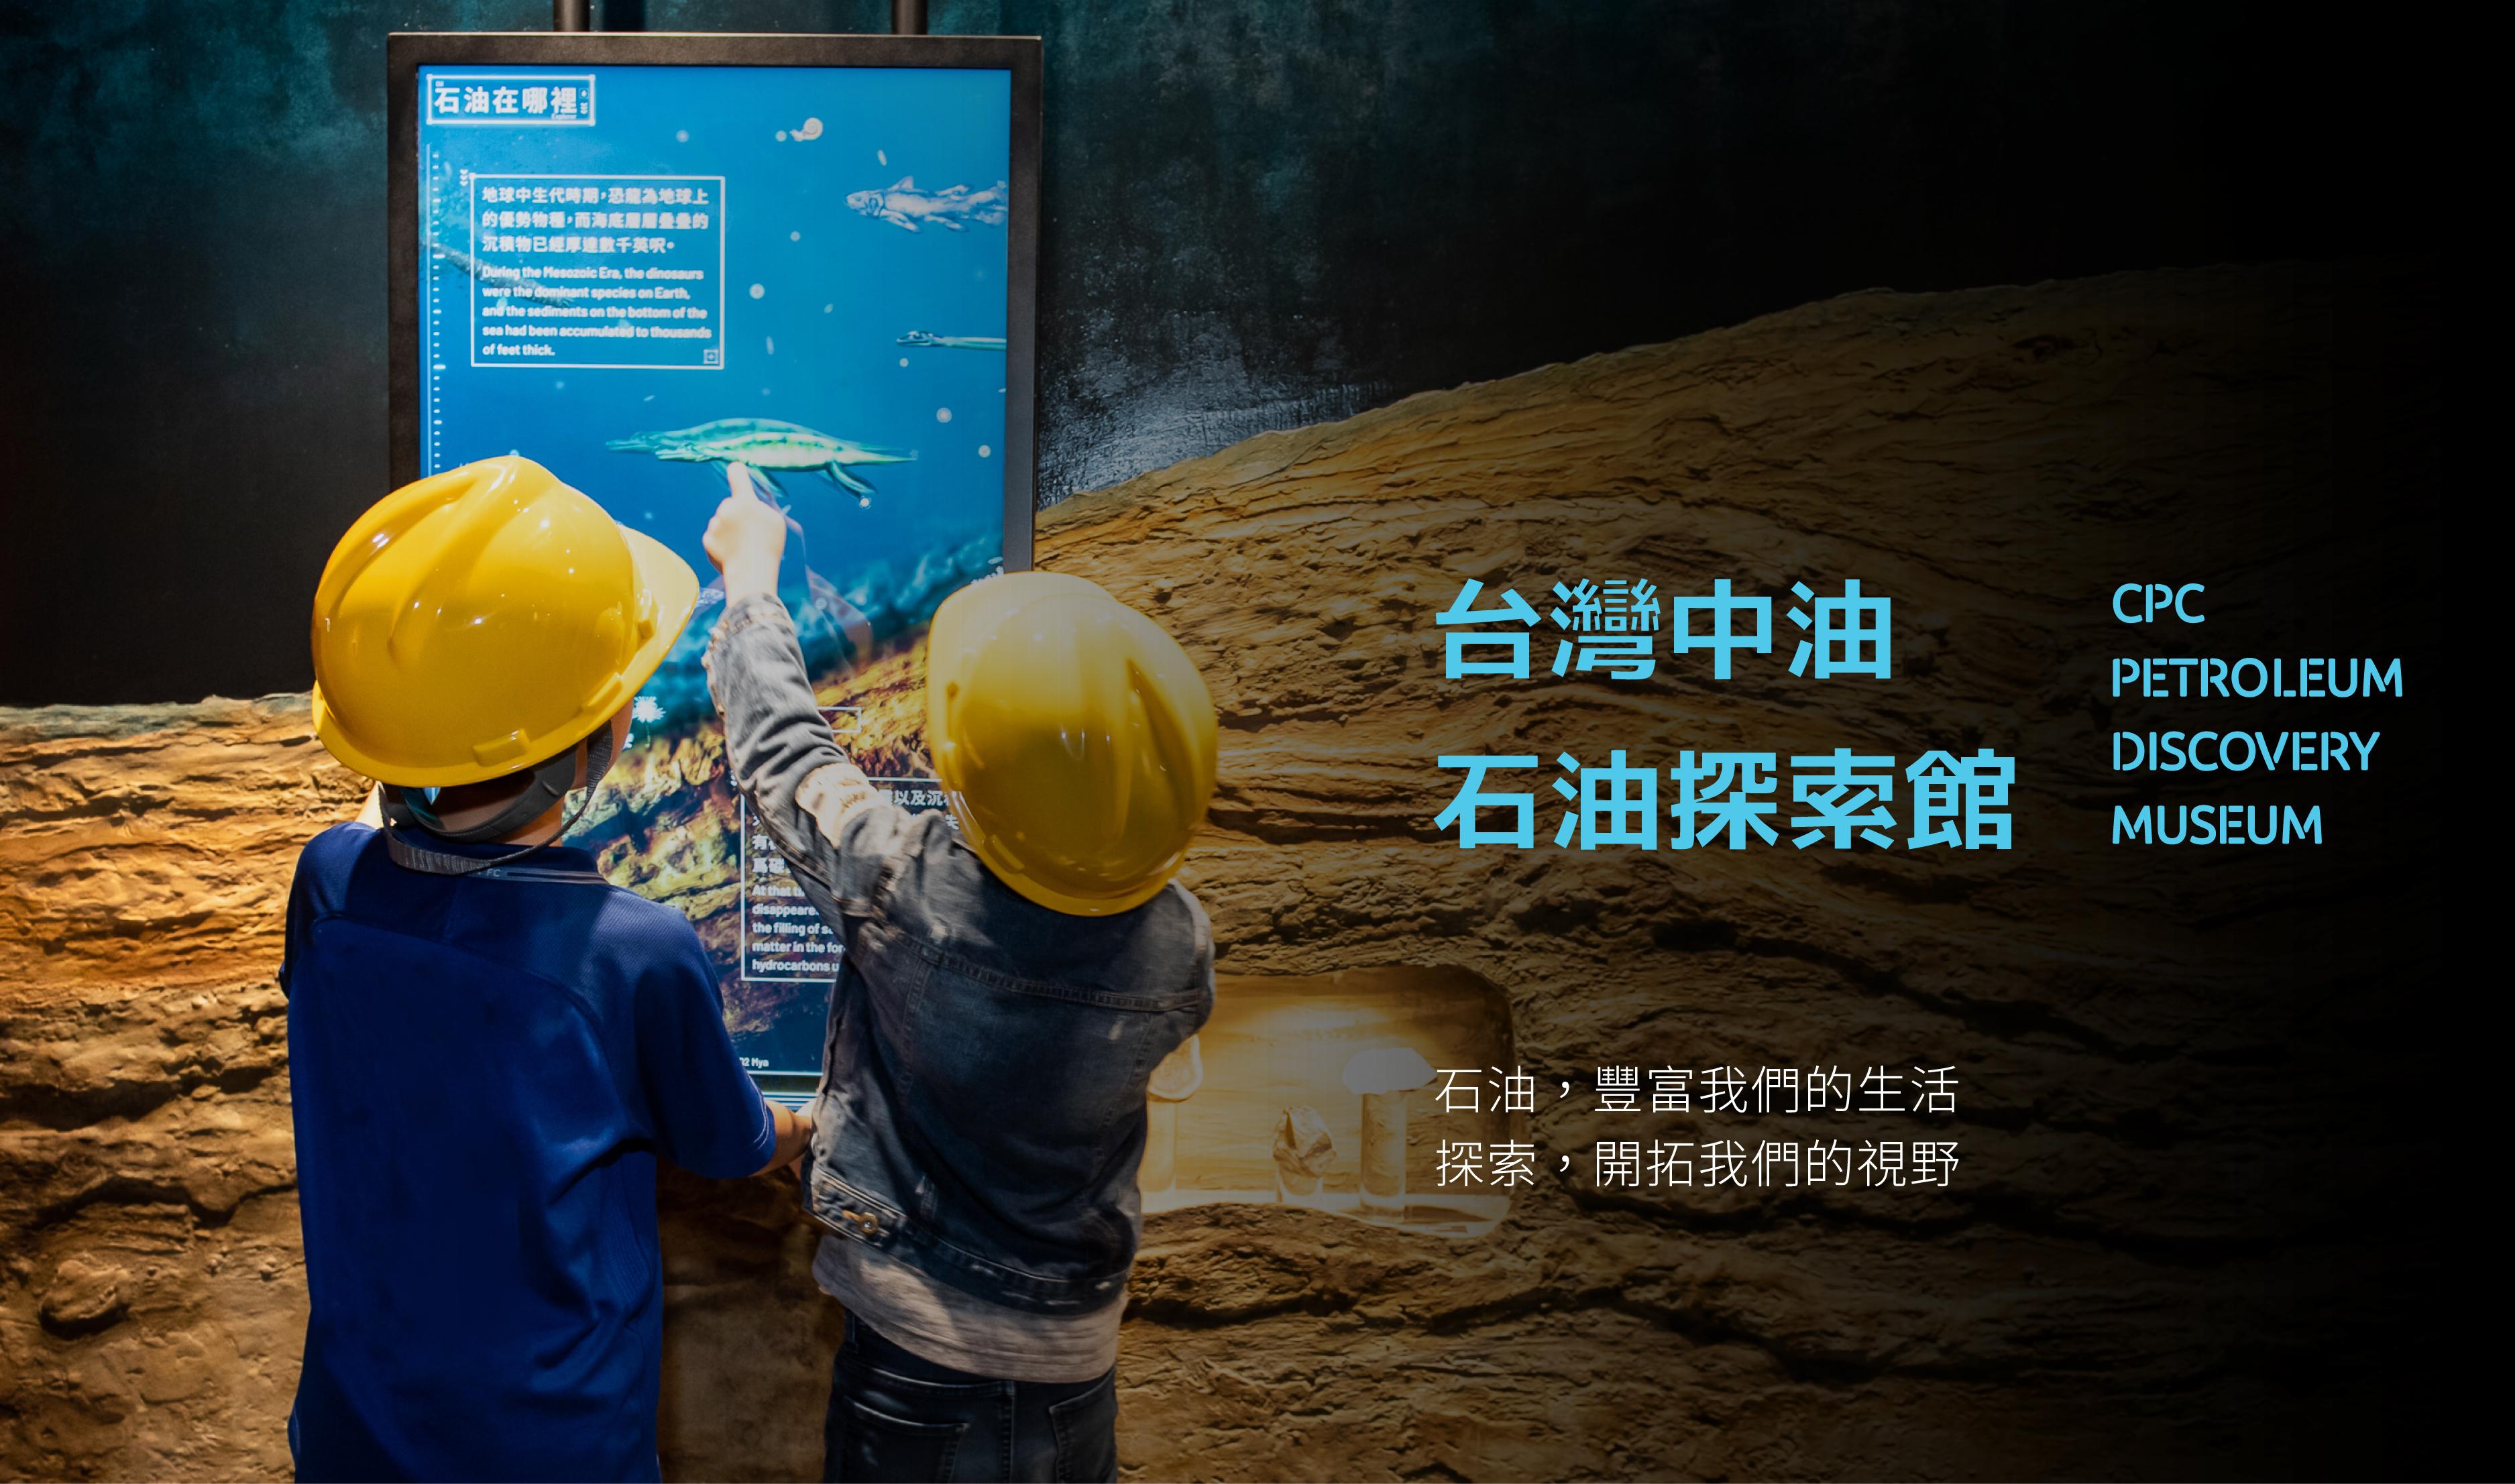 石油探索館首頁圖